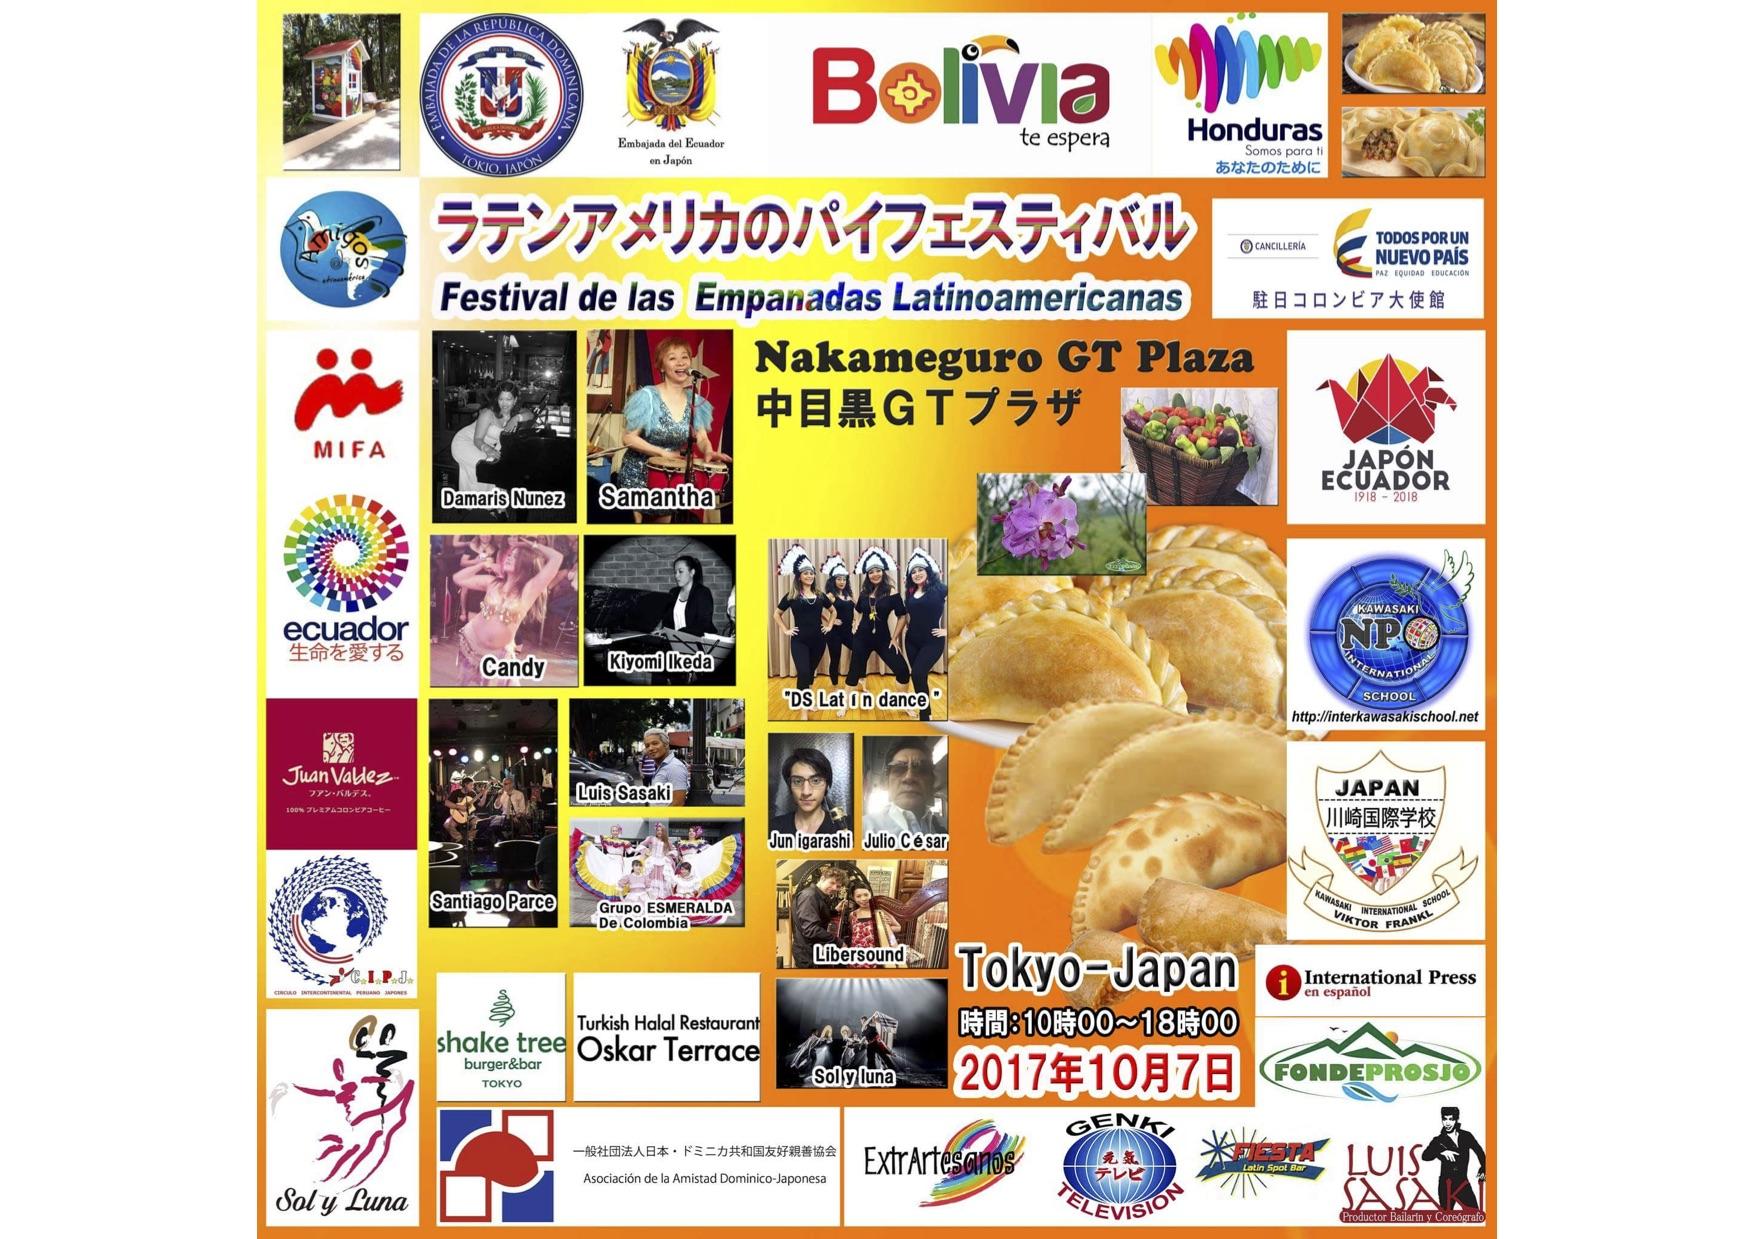 ラテンアメリカのパイフェスティバル開催(Fiesta de las Empanadas Latinoamericanas)